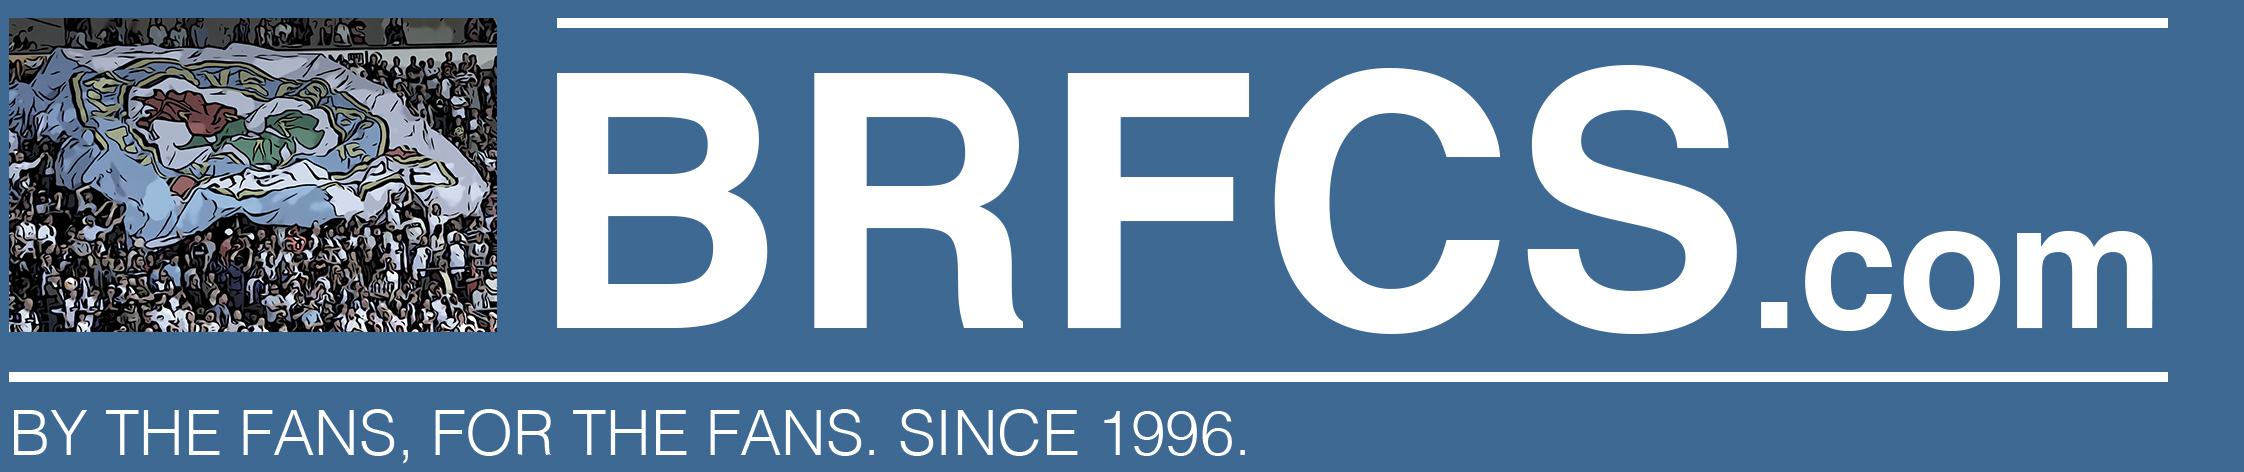 BRFCS.COM